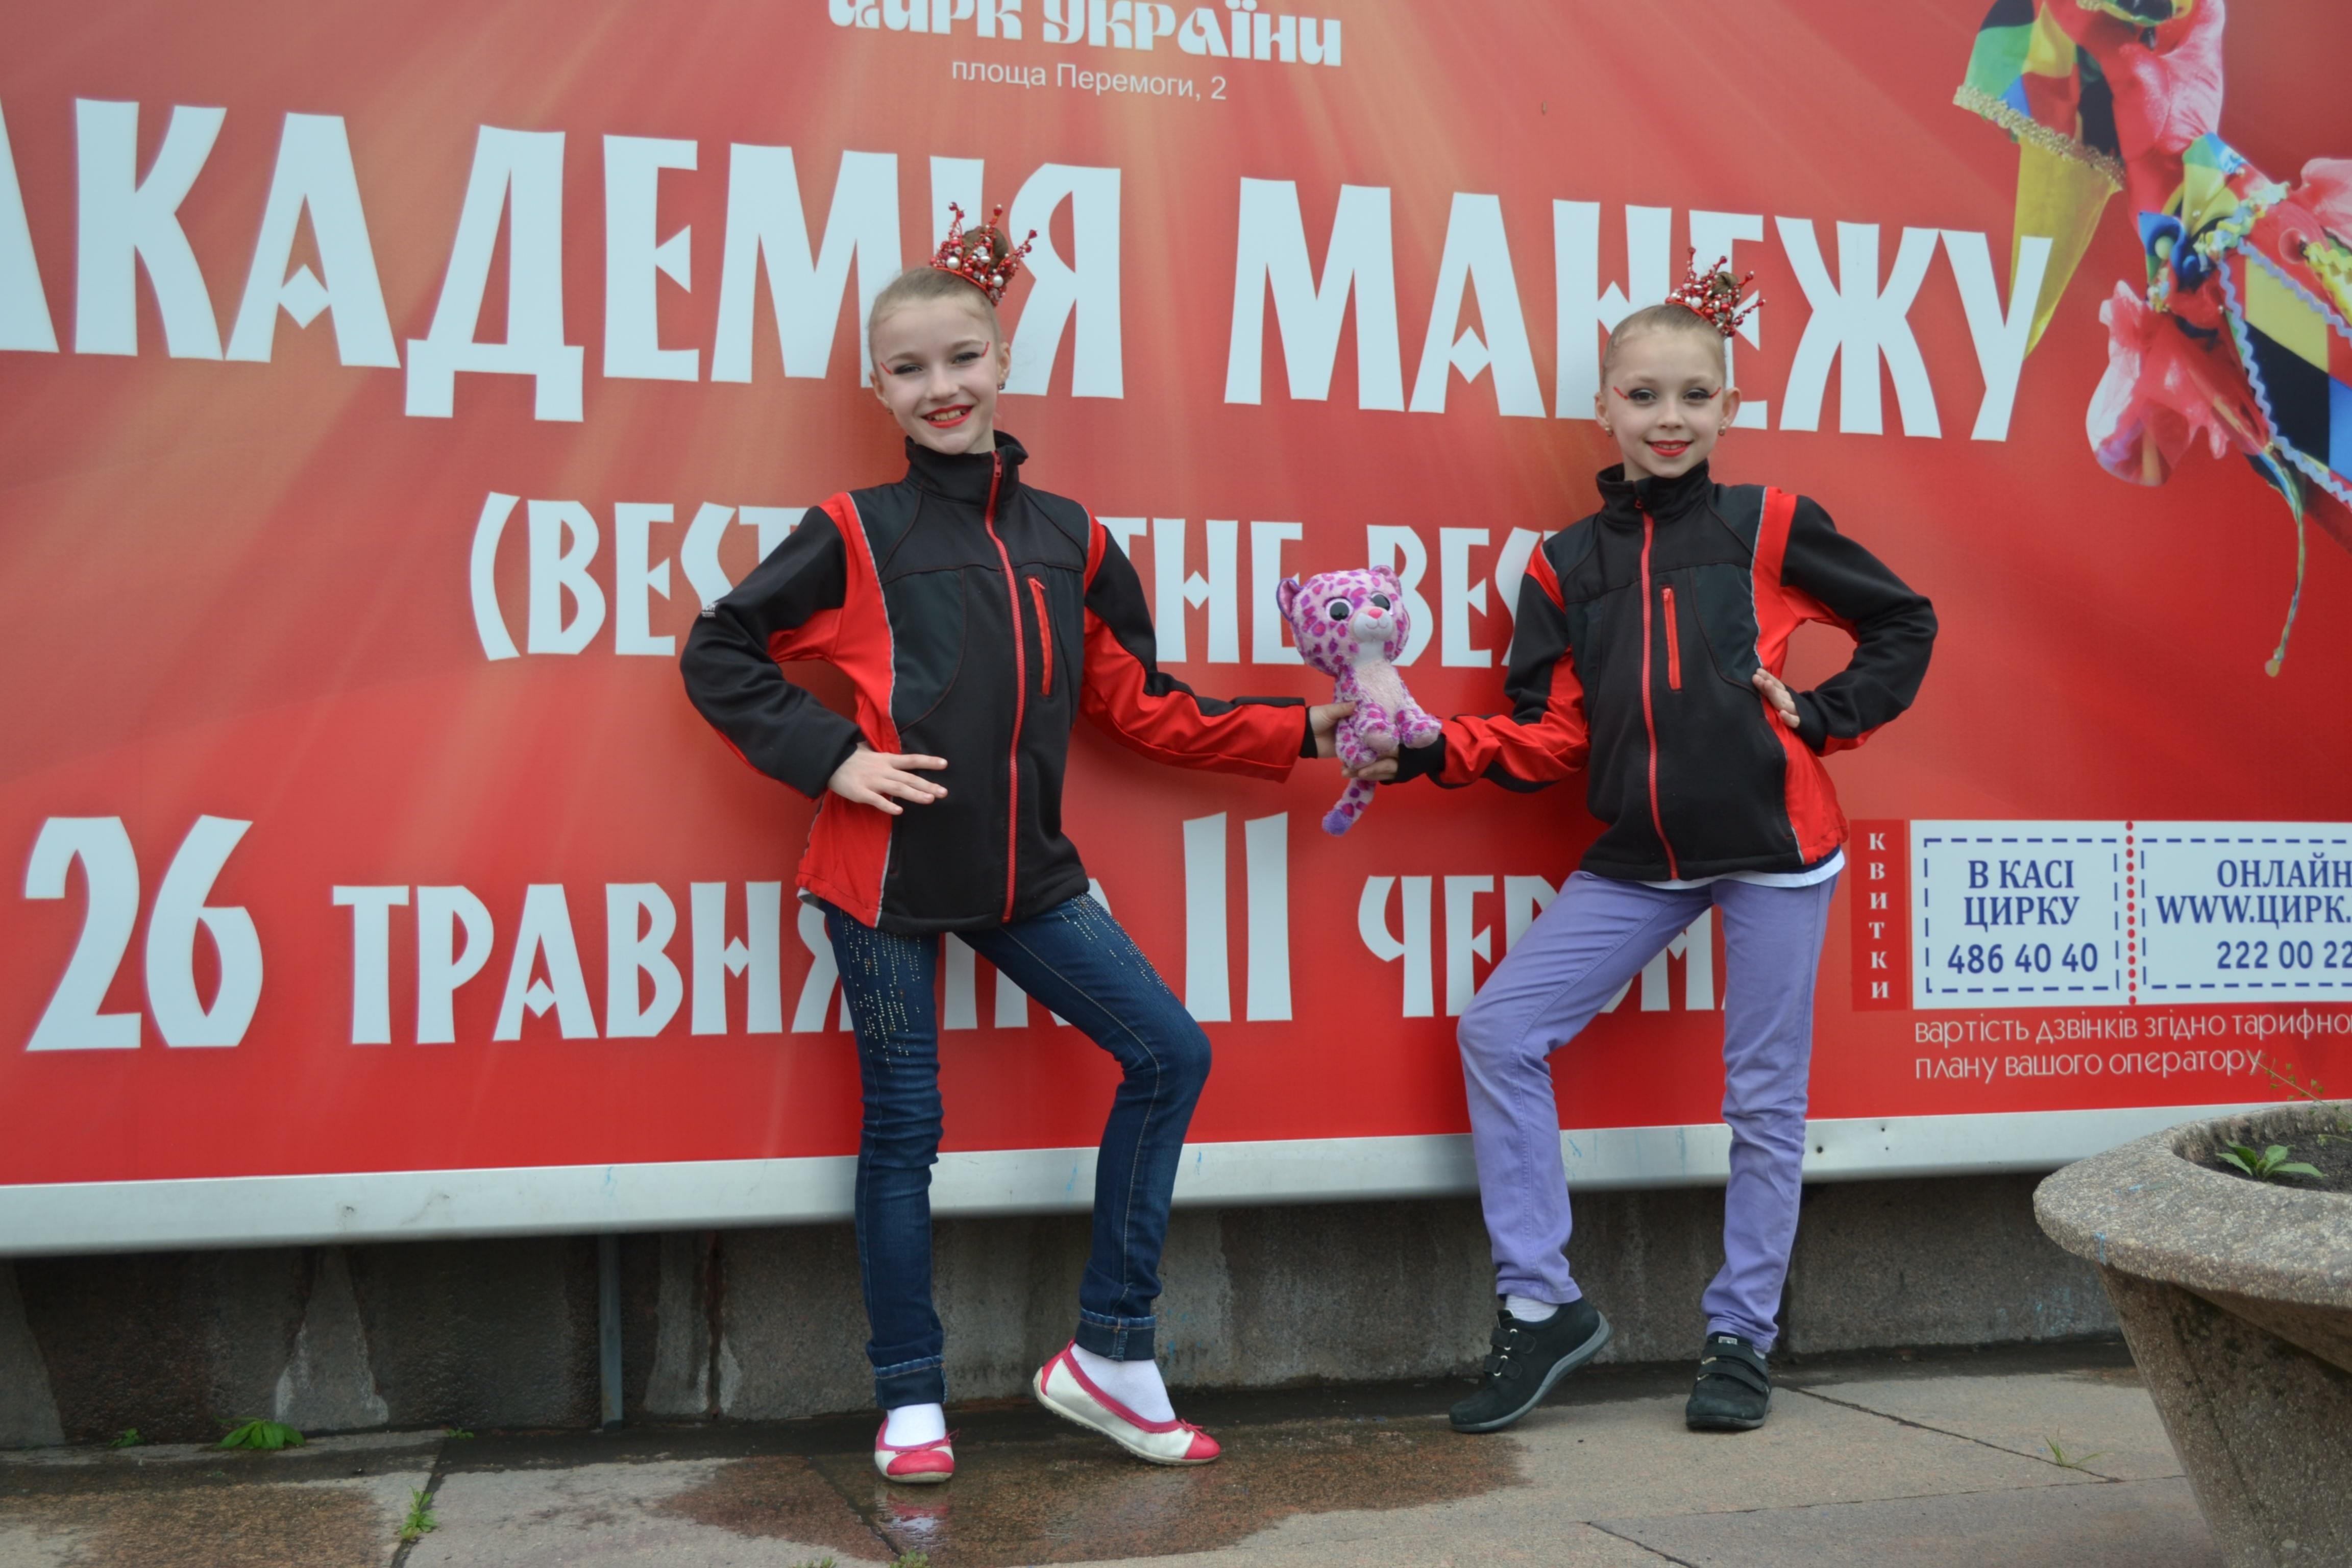 kak-zhivet-yunaya-vozdushnaya-gimnastka-anna-plutahina-posle-uchastiya-v-shou-kruche-vseh-2